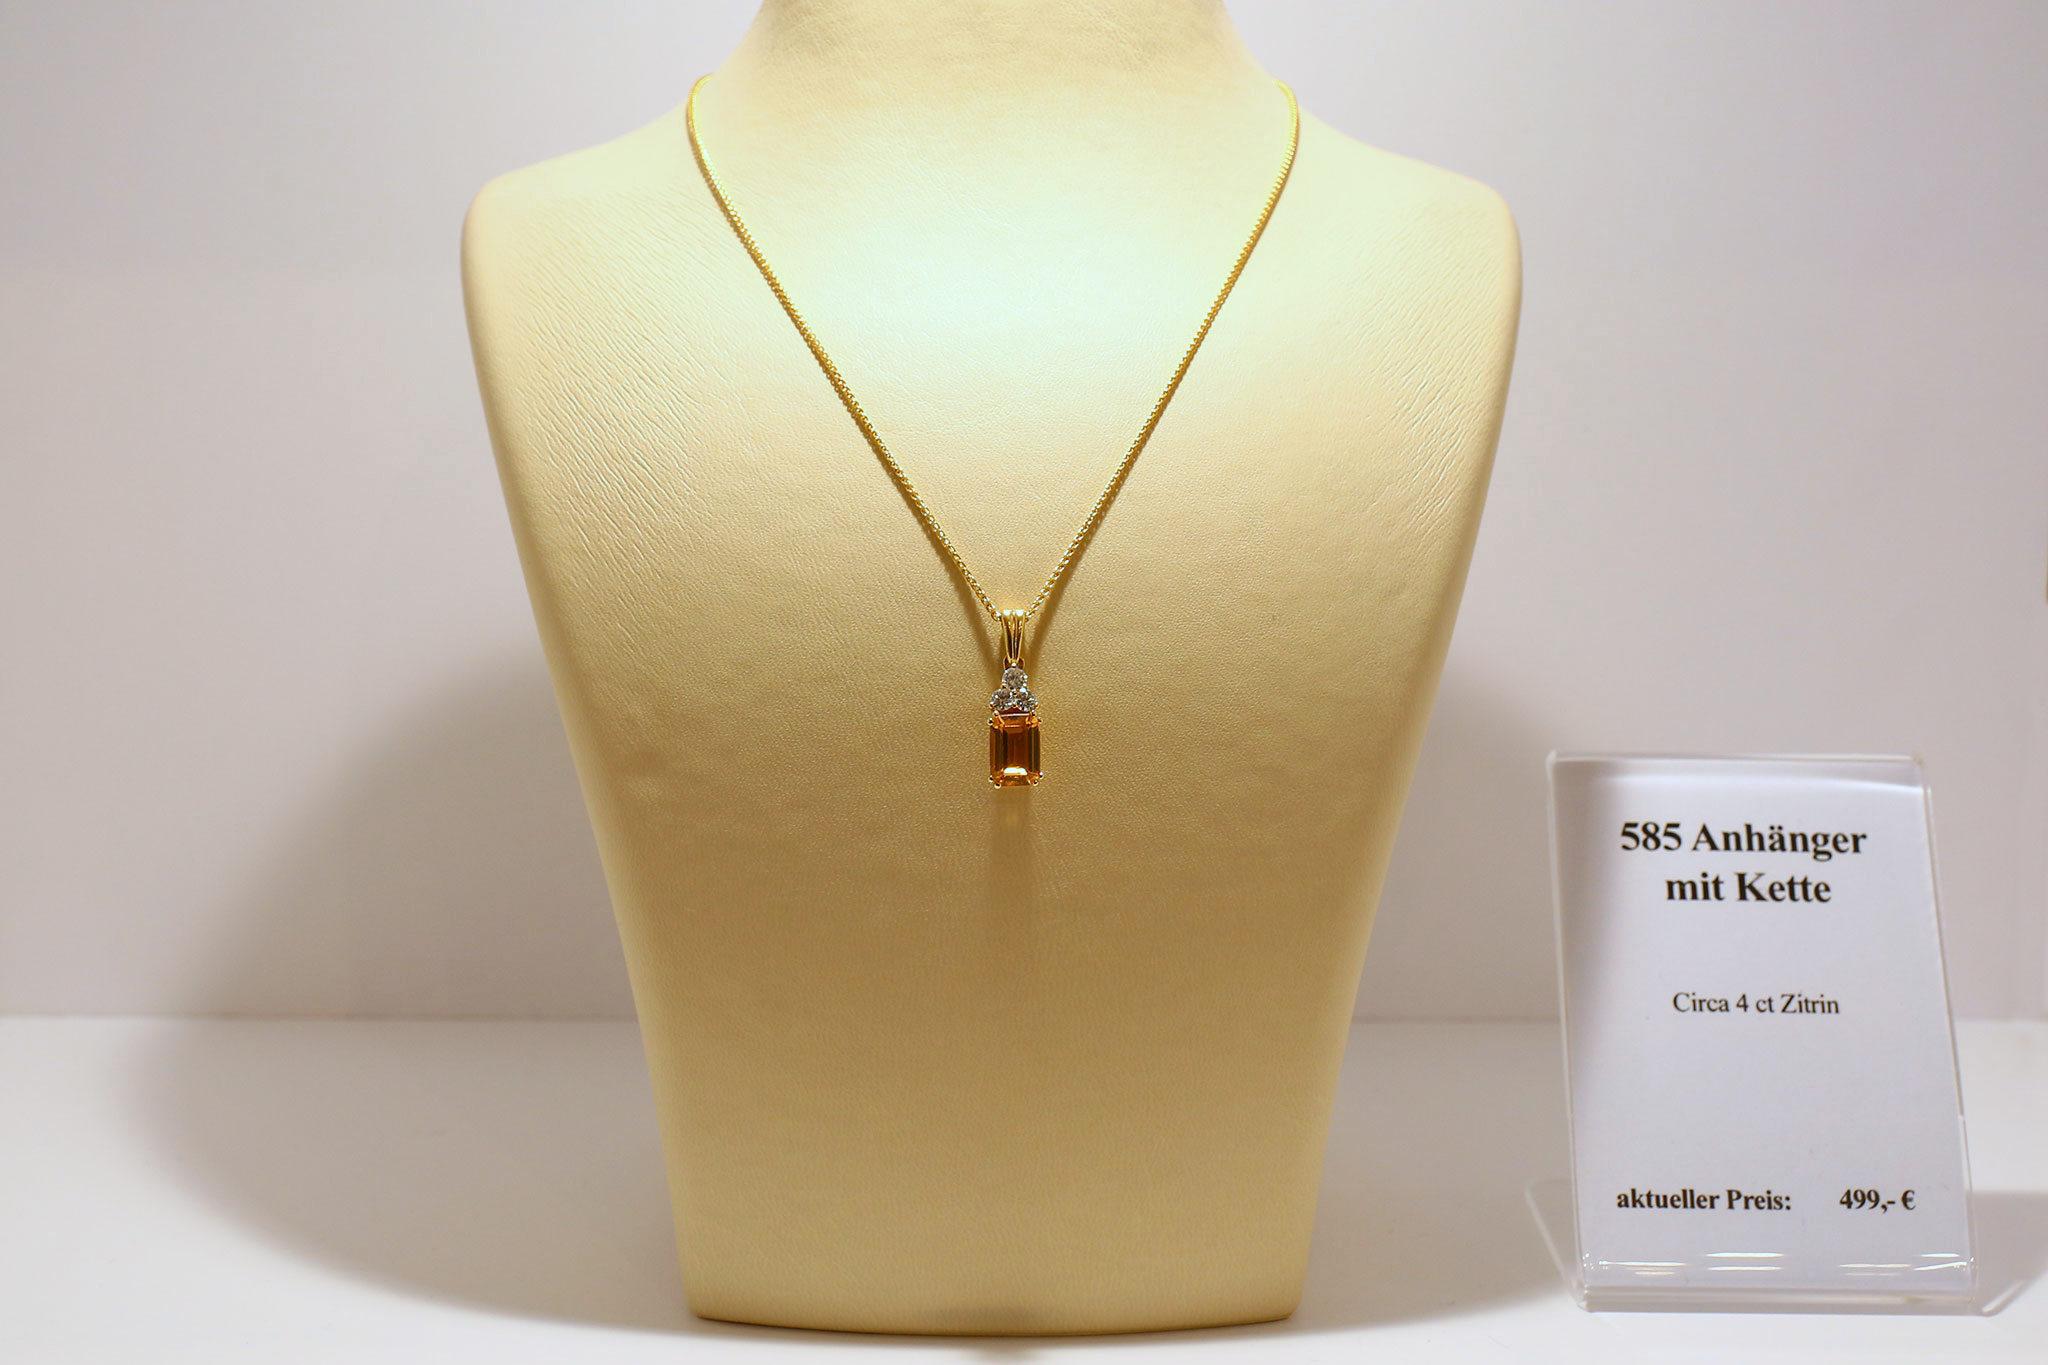 Goldkette 585 mit Zitrin